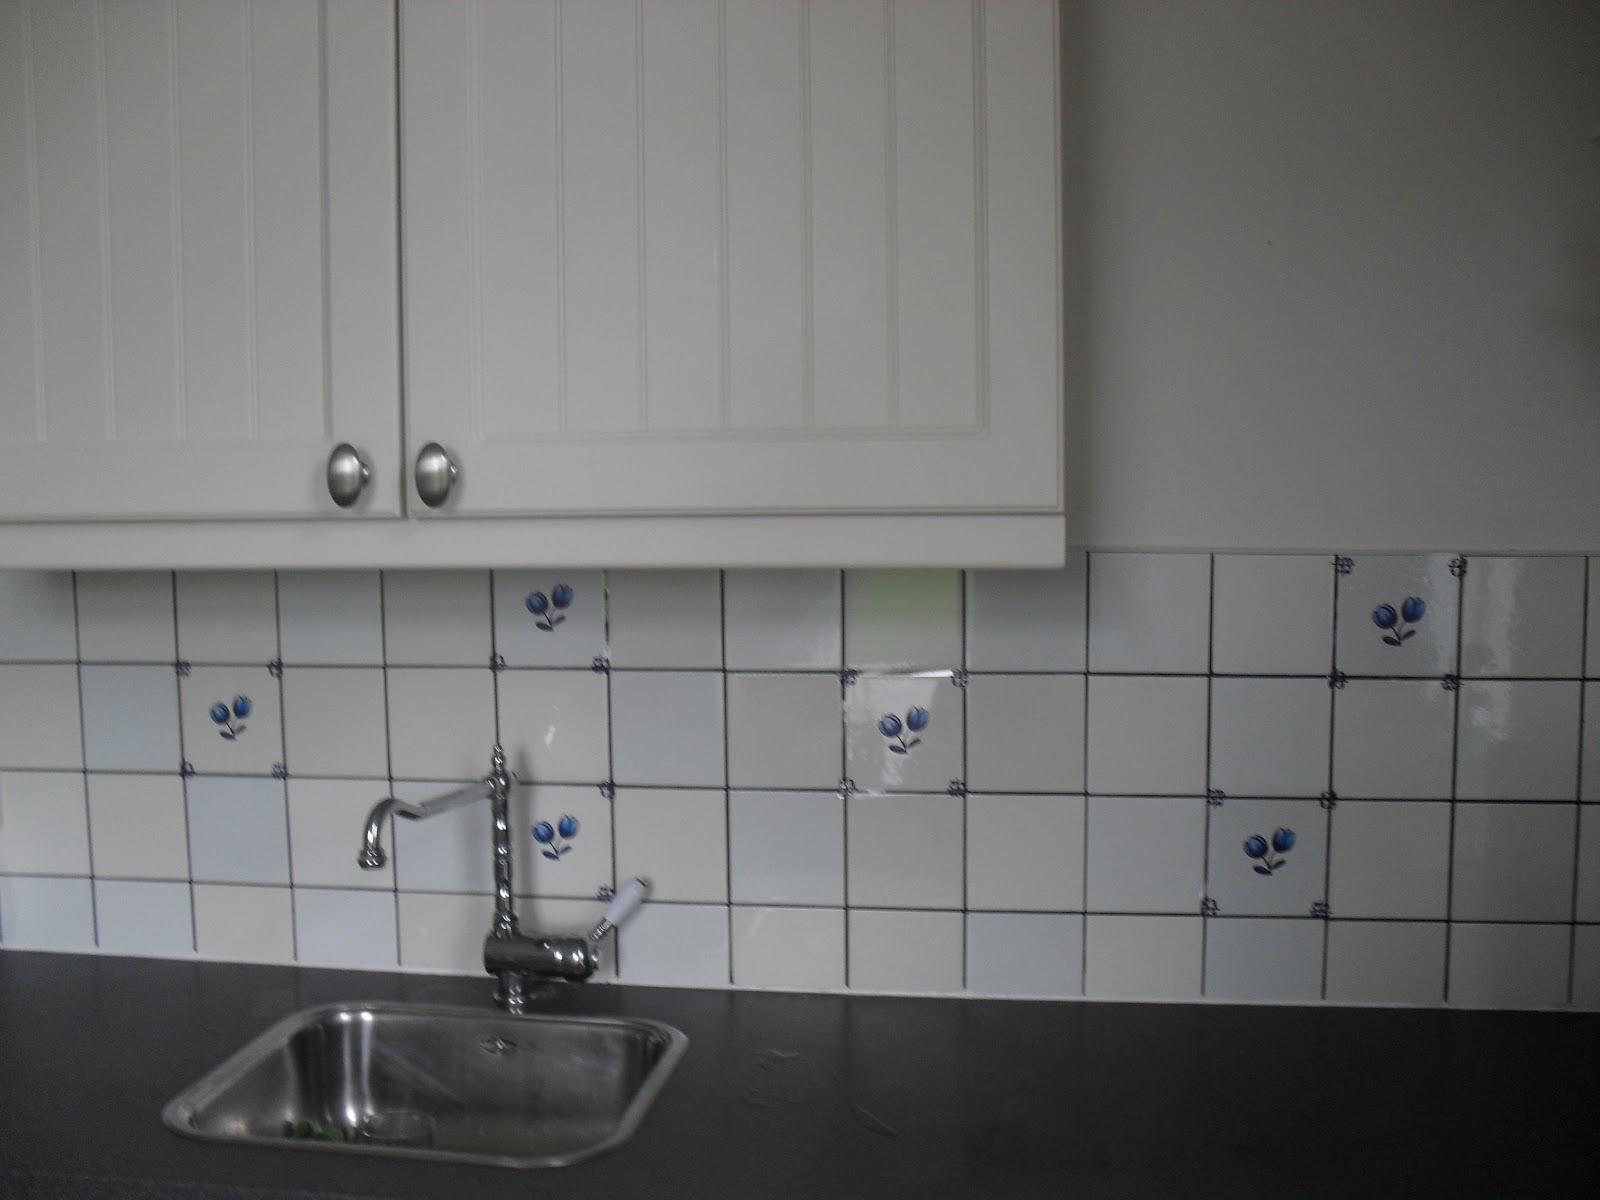 Oude badkamer pimpen gallery of oude badkamer huurwoning badkamer haarlem u mapgenie details - Oude badkamer ...